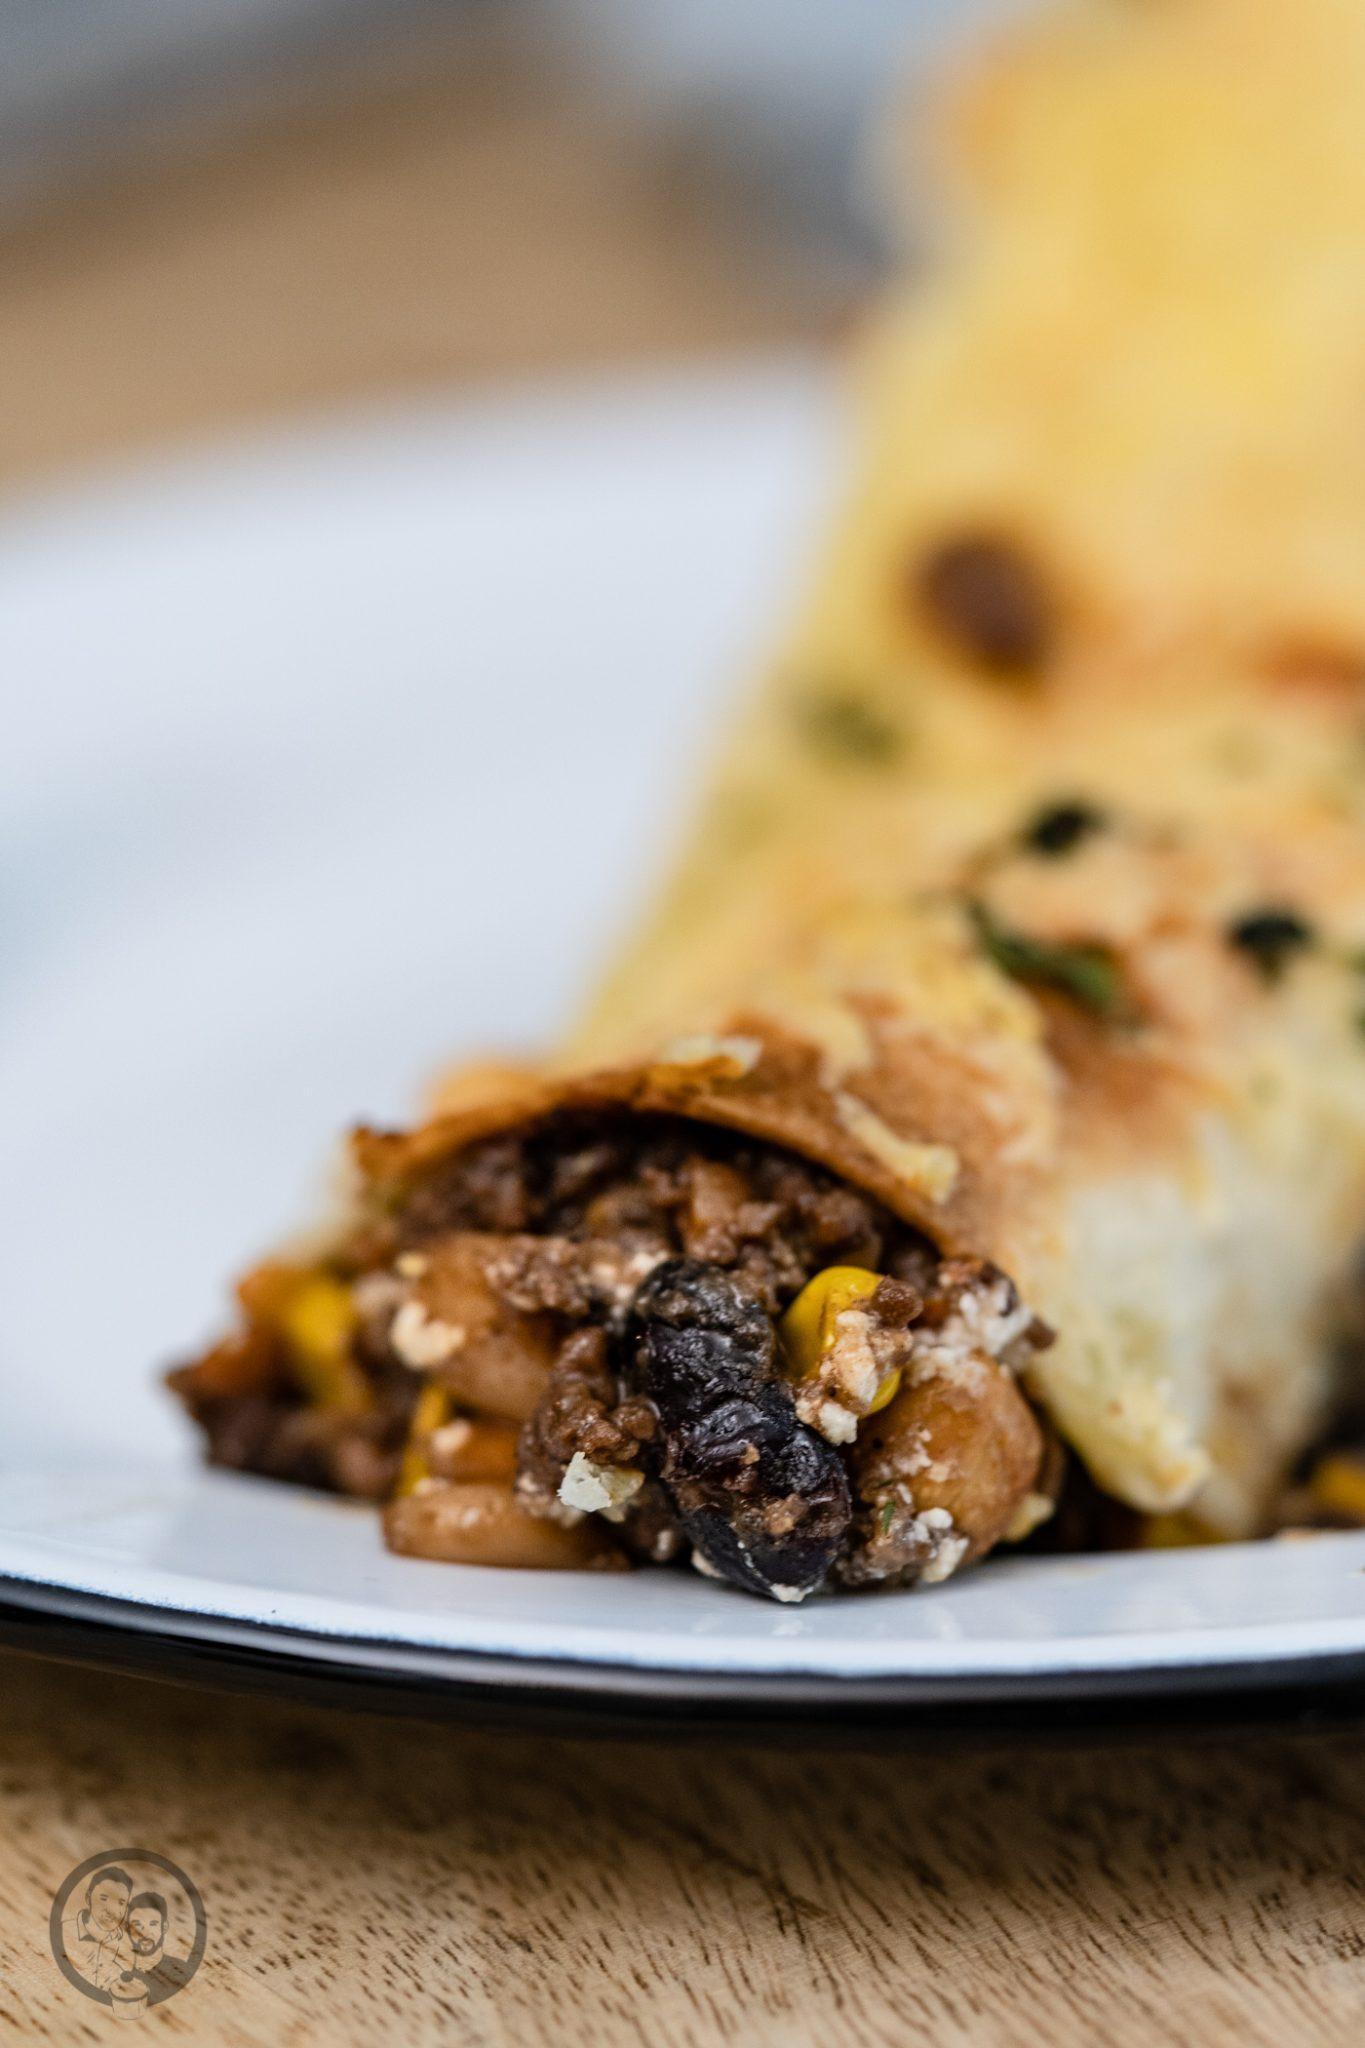 burrito %C3%BCltje 5 | Mittagessen, Partyfood oder ein Snack für zwischendurch. Das Rezept, das wir euch heute mitgebracht haben, ist sowas von vielfältig einsatzbereit, dass wir noch mehr aufzählen könnten. Burritos mit Rindfleischmole und ültje Erdnüssen ist eines dieser Rezepte, das wir aus mehreren Gründen lieben. Warum?